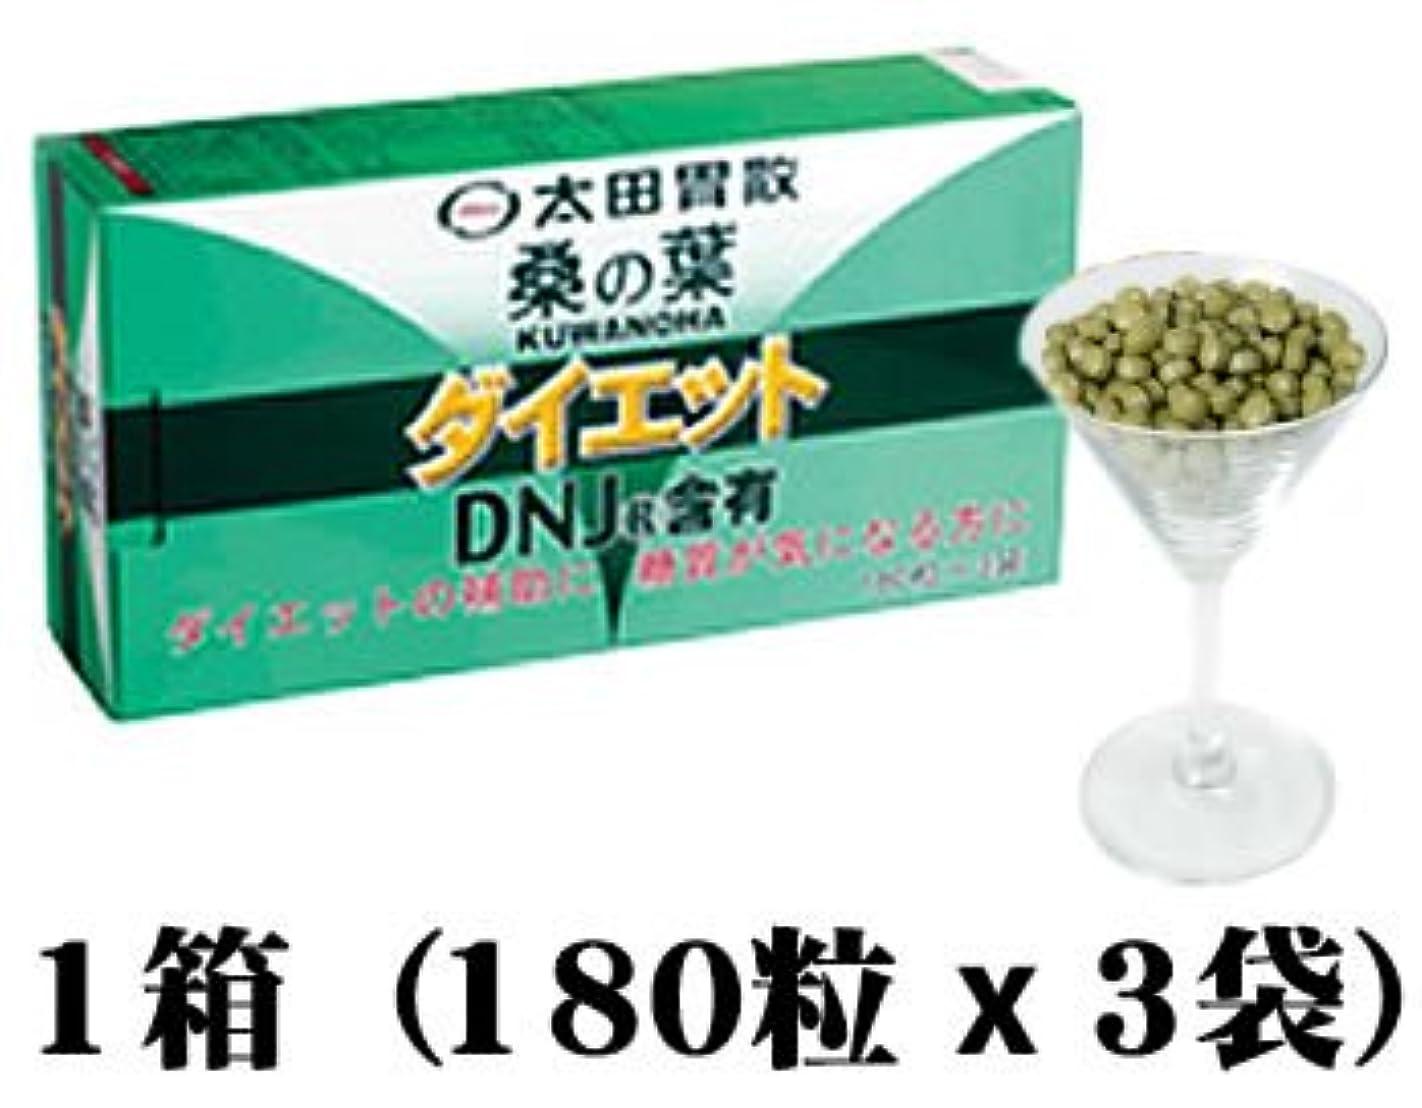 苦い政治意見太田胃散 桑の葉ダイエット詰替用(180粒×3袋入)